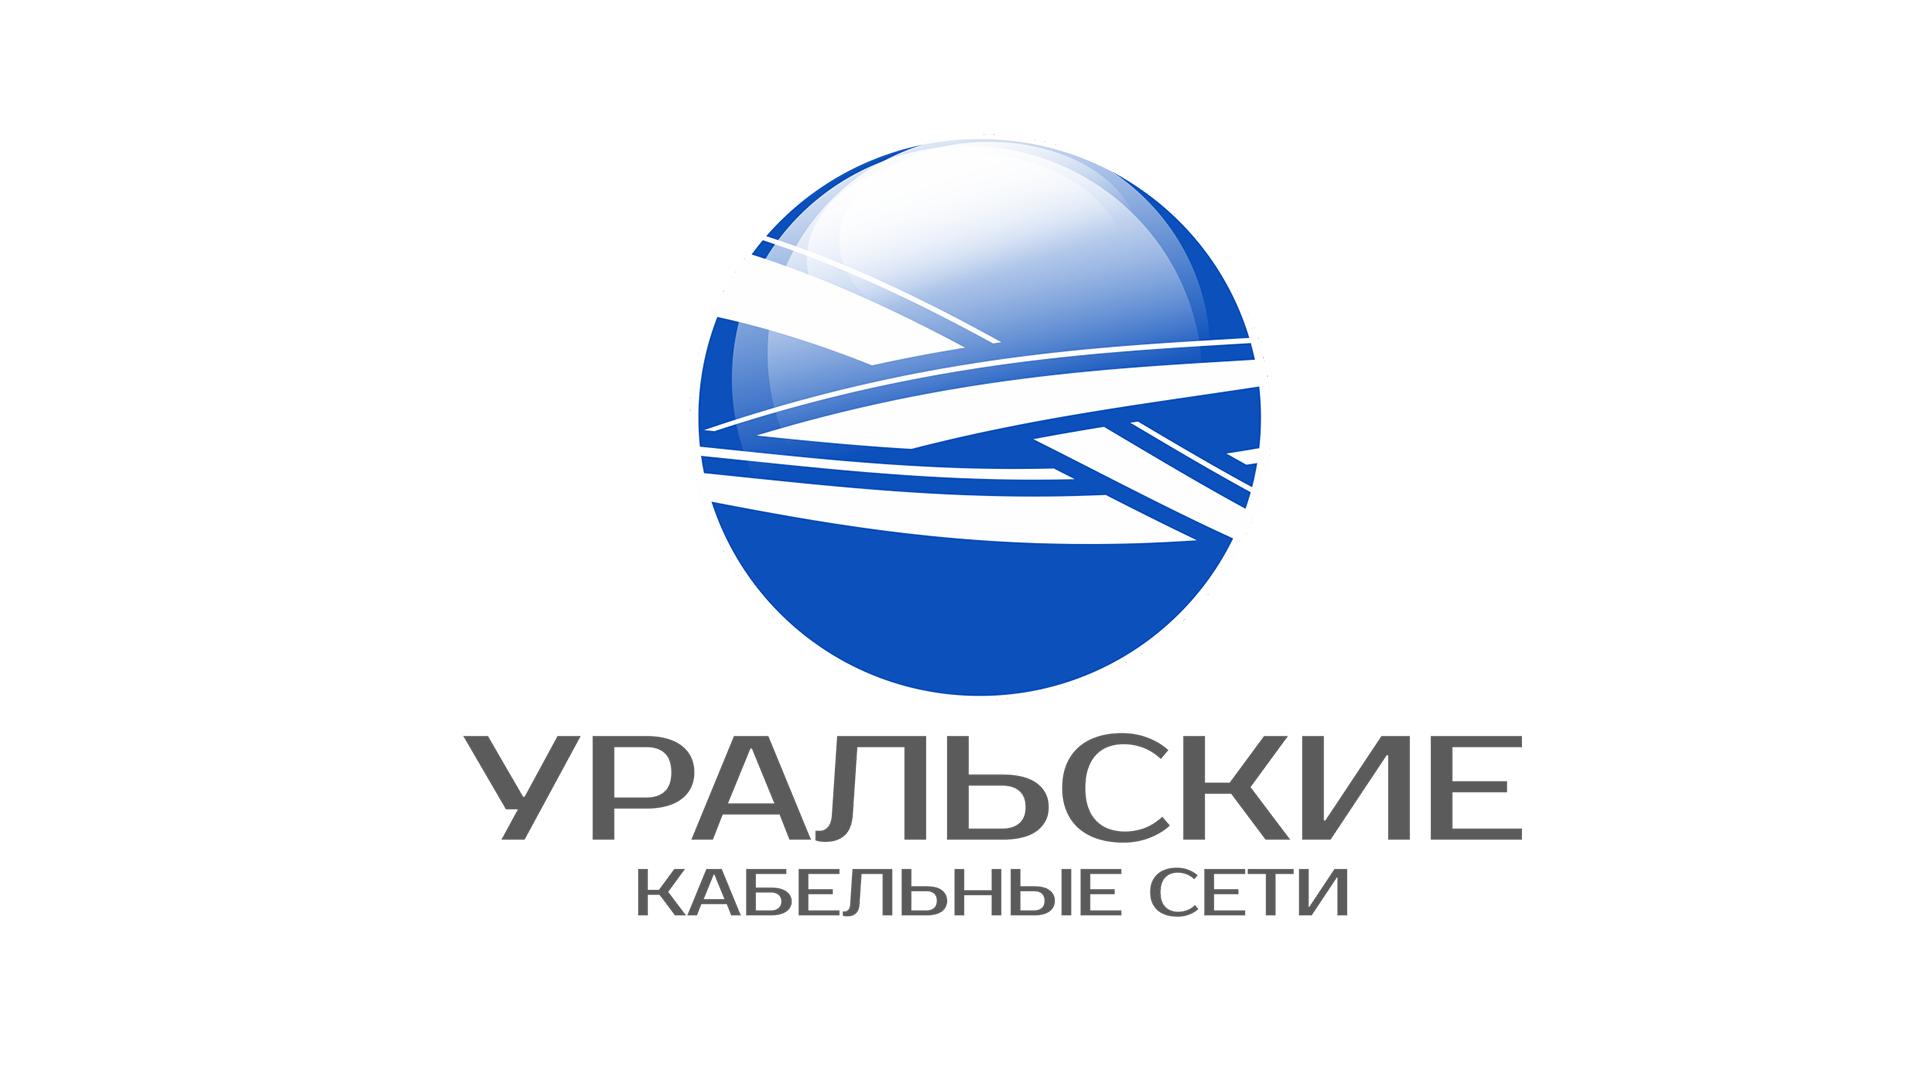 УКС ТВ